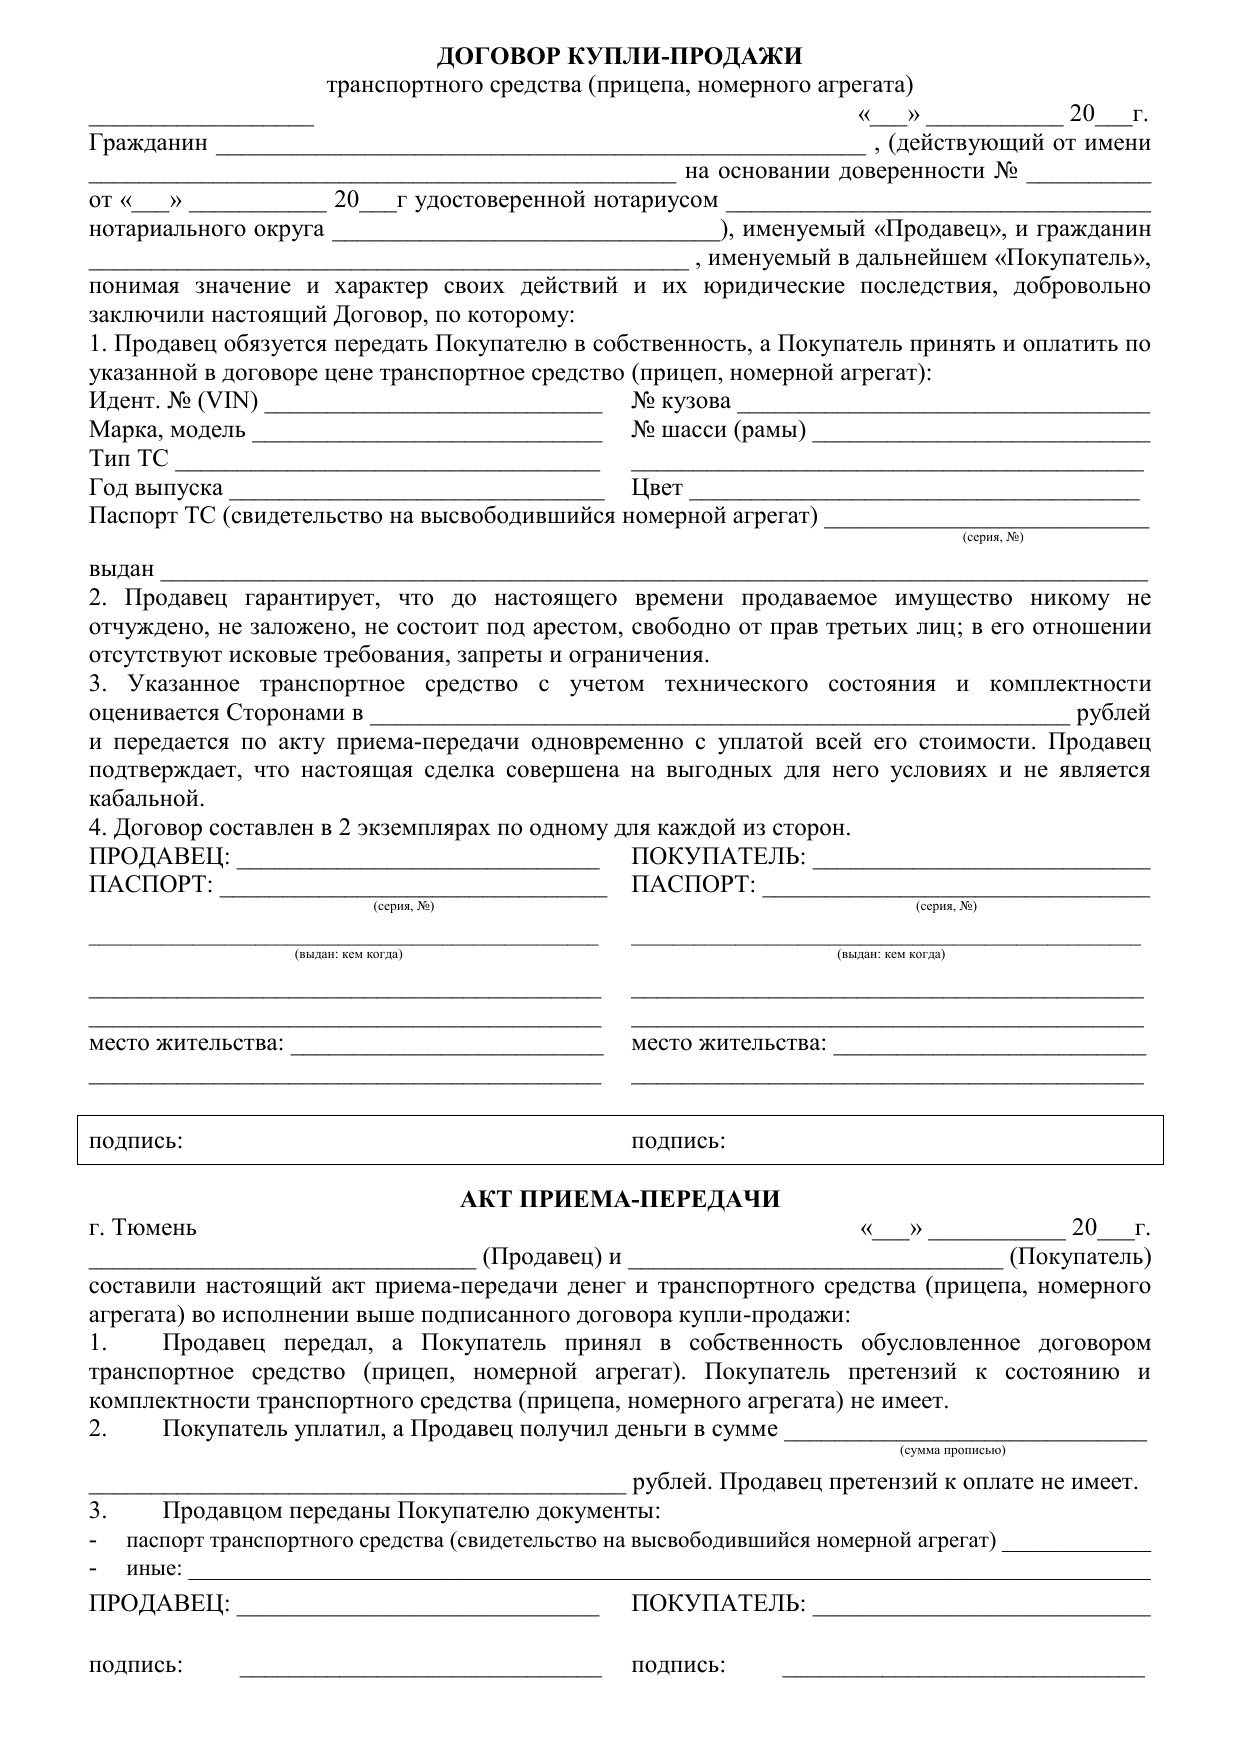 Бланк договора при покупке авто по доверненности